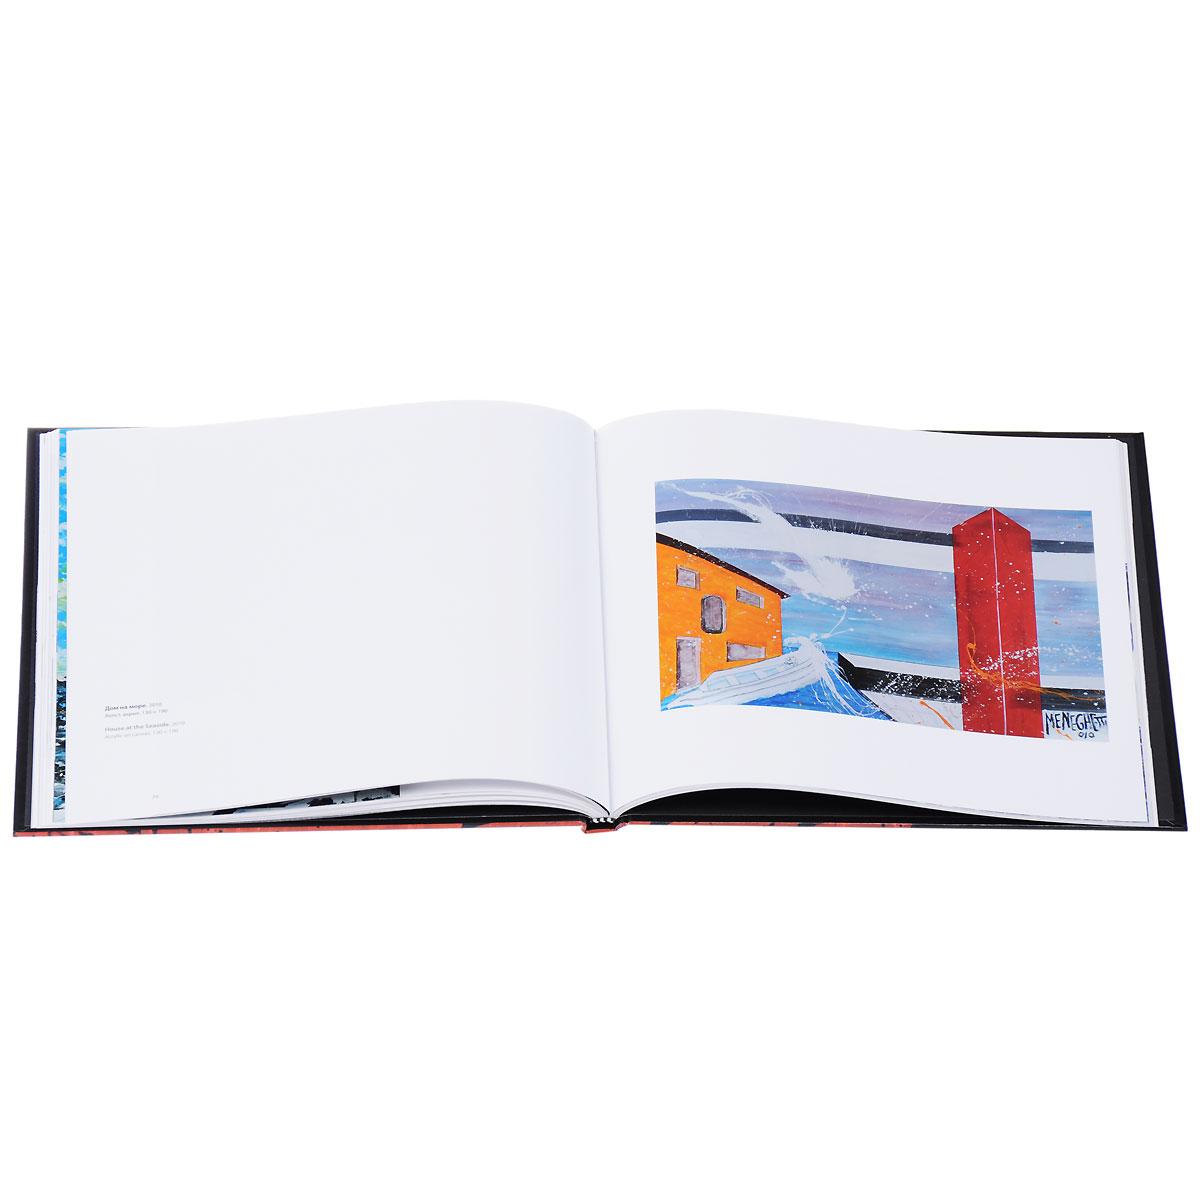 Антонио Менегетти. Мастер радости. Альманах, выпуск 450, 2015